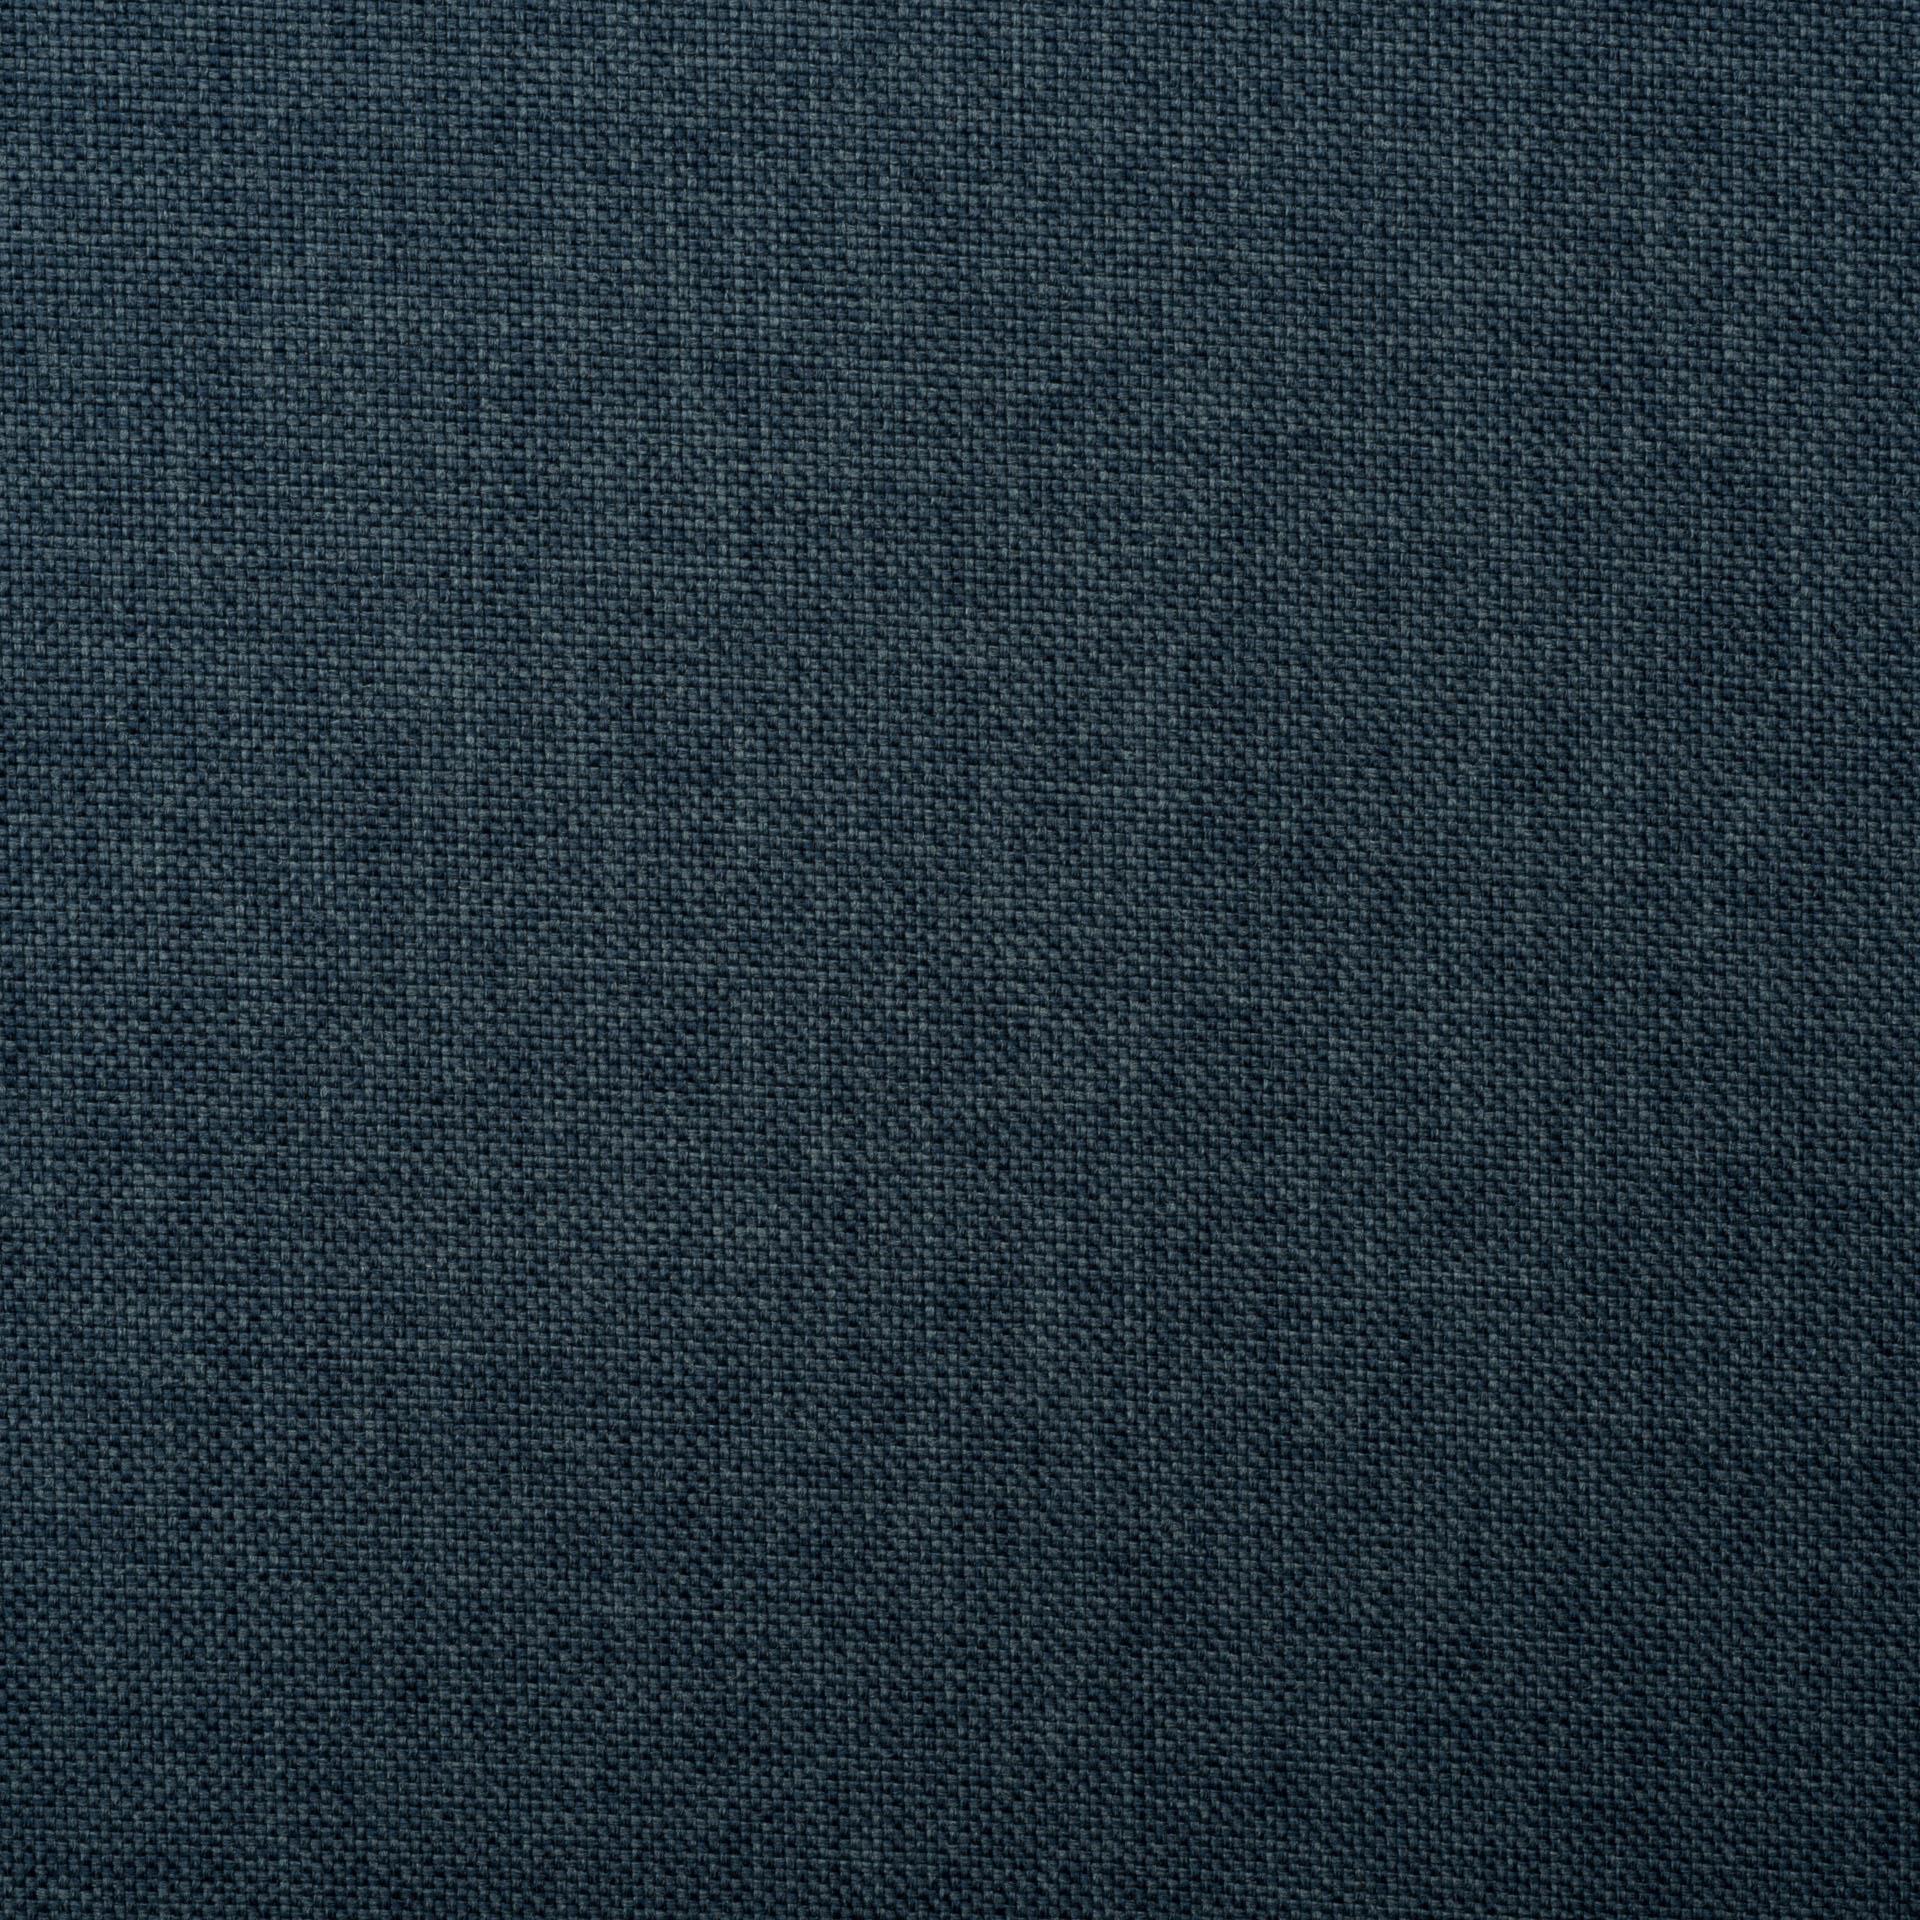 Коллекция ткани Саванна JEANS 16,  купить ткань Жаккард для мебели Украина